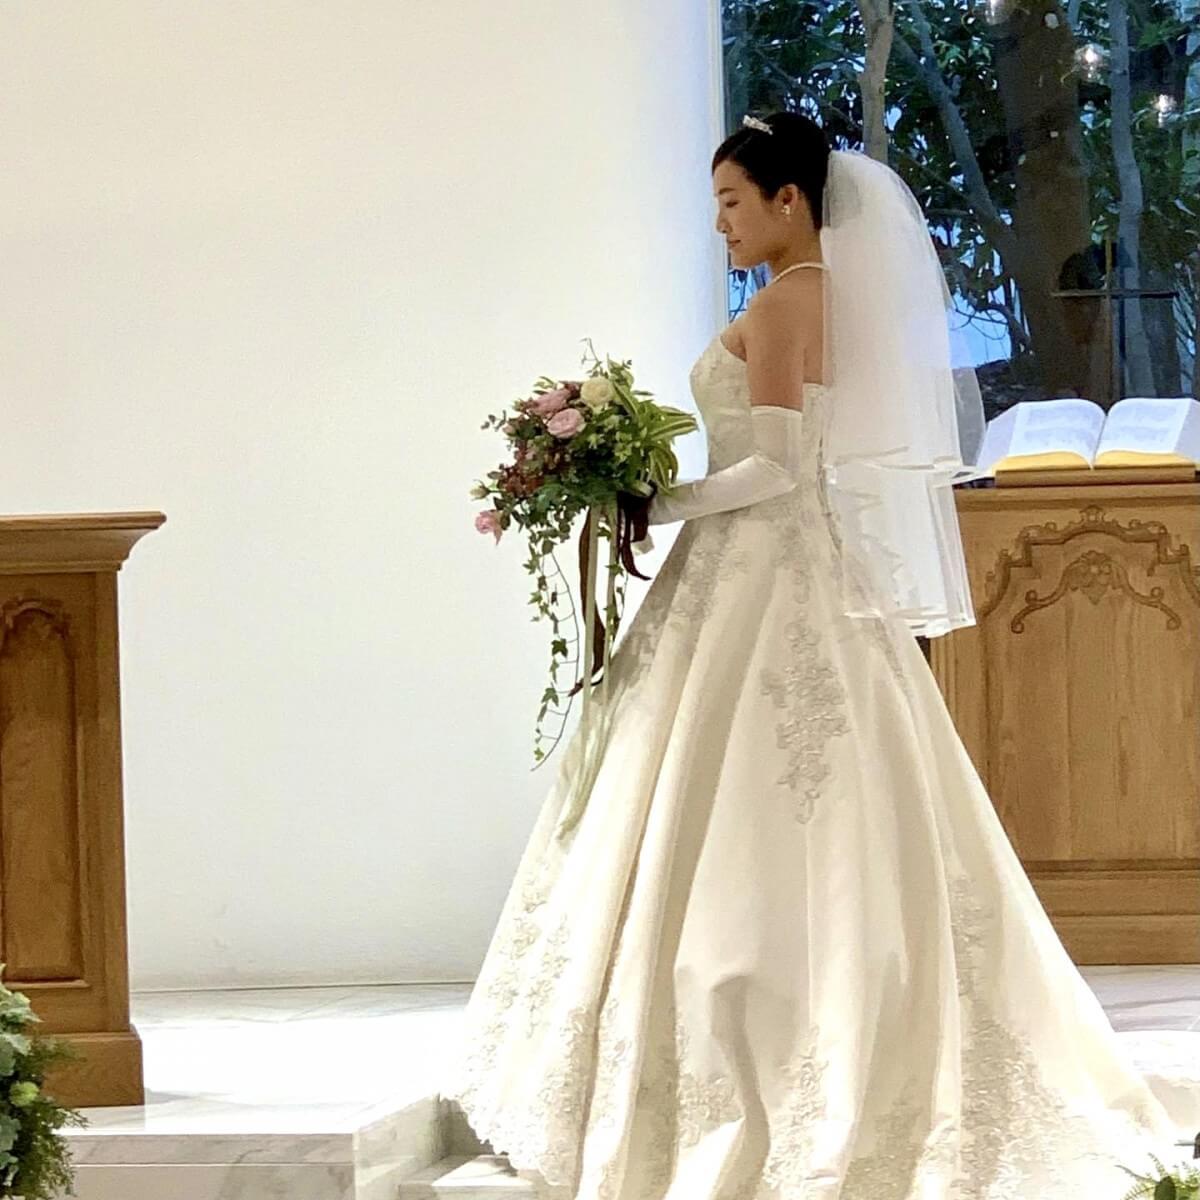 吉田朱里の結婚式の写真